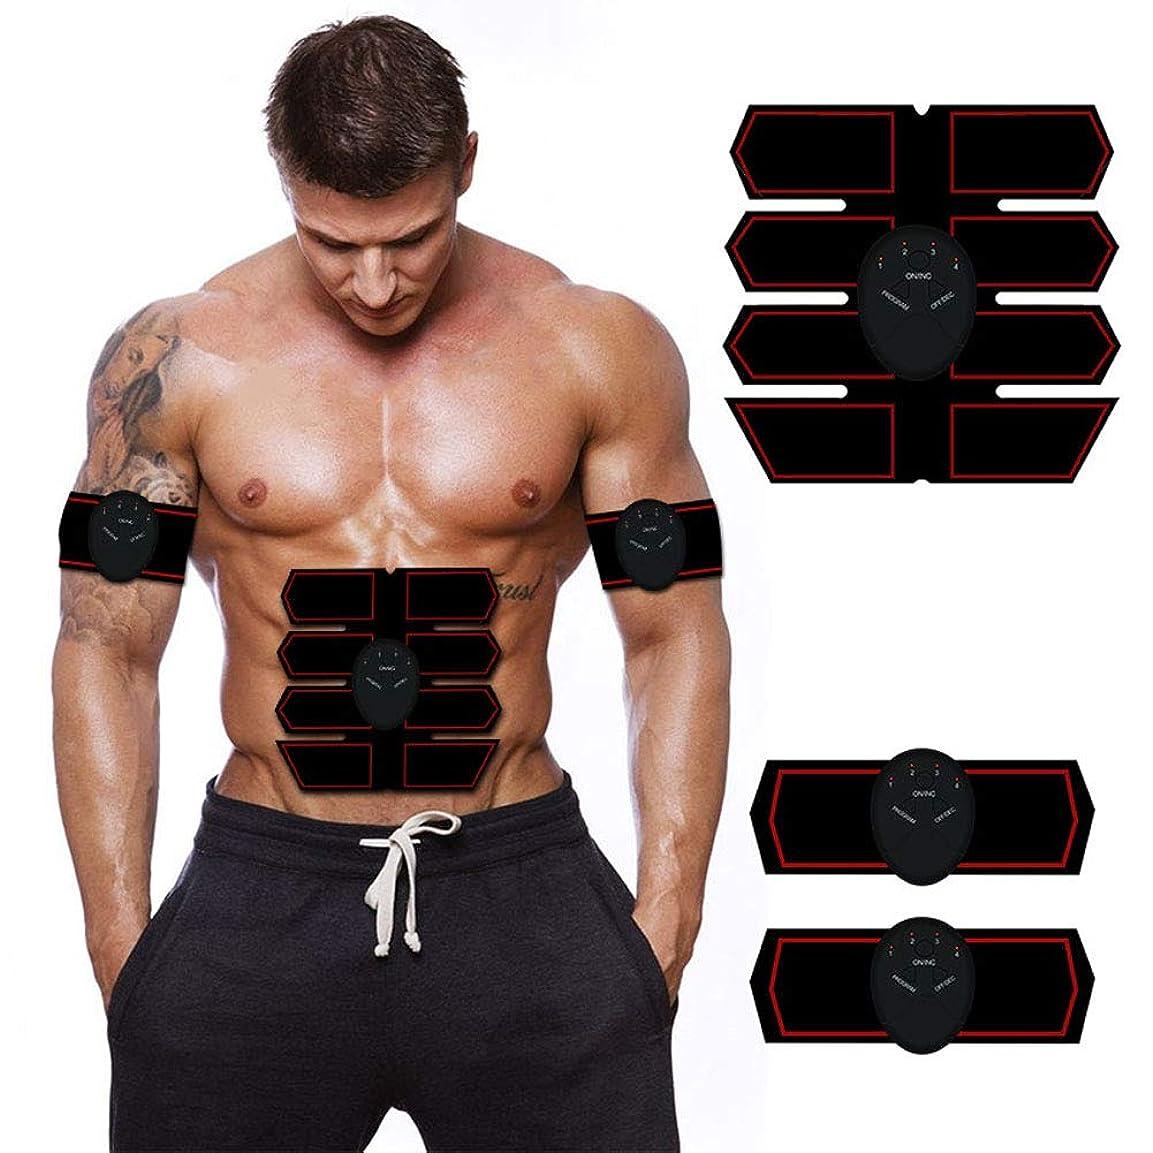 堂々たる分離散文腹筋トレーナー筋肉刺激器, Ems 腹筋刺激剤筋肉トナー, ポータブルマッスルトレーナー, 腹部の調子のベルト, の 男性?女性